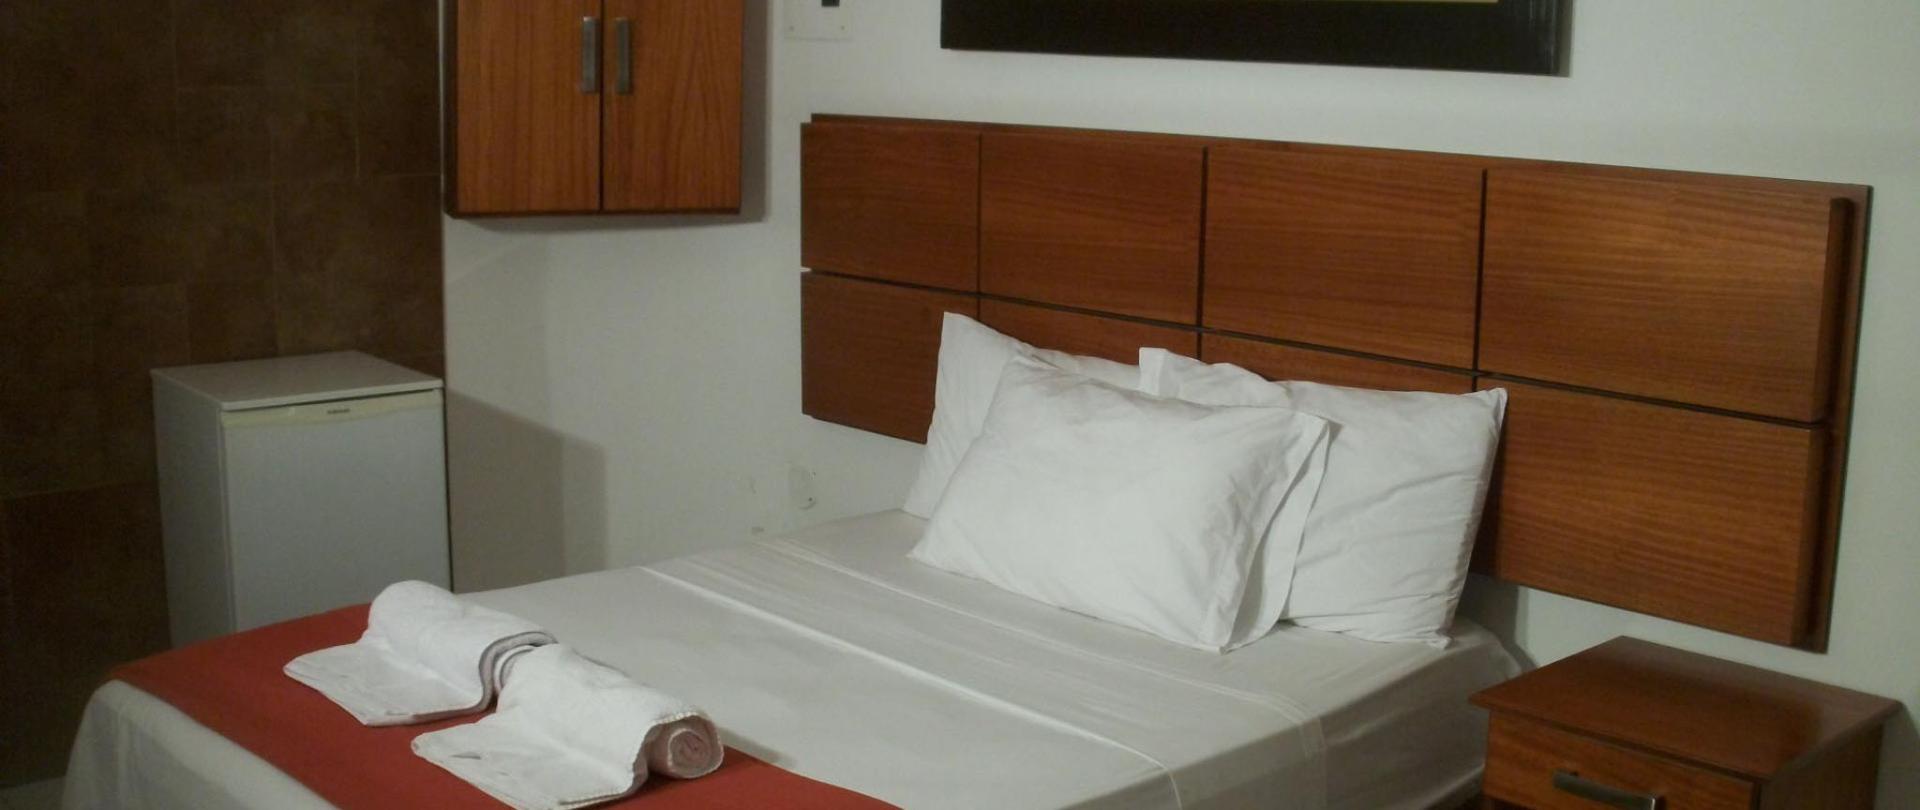 apart-suites-40.jpg